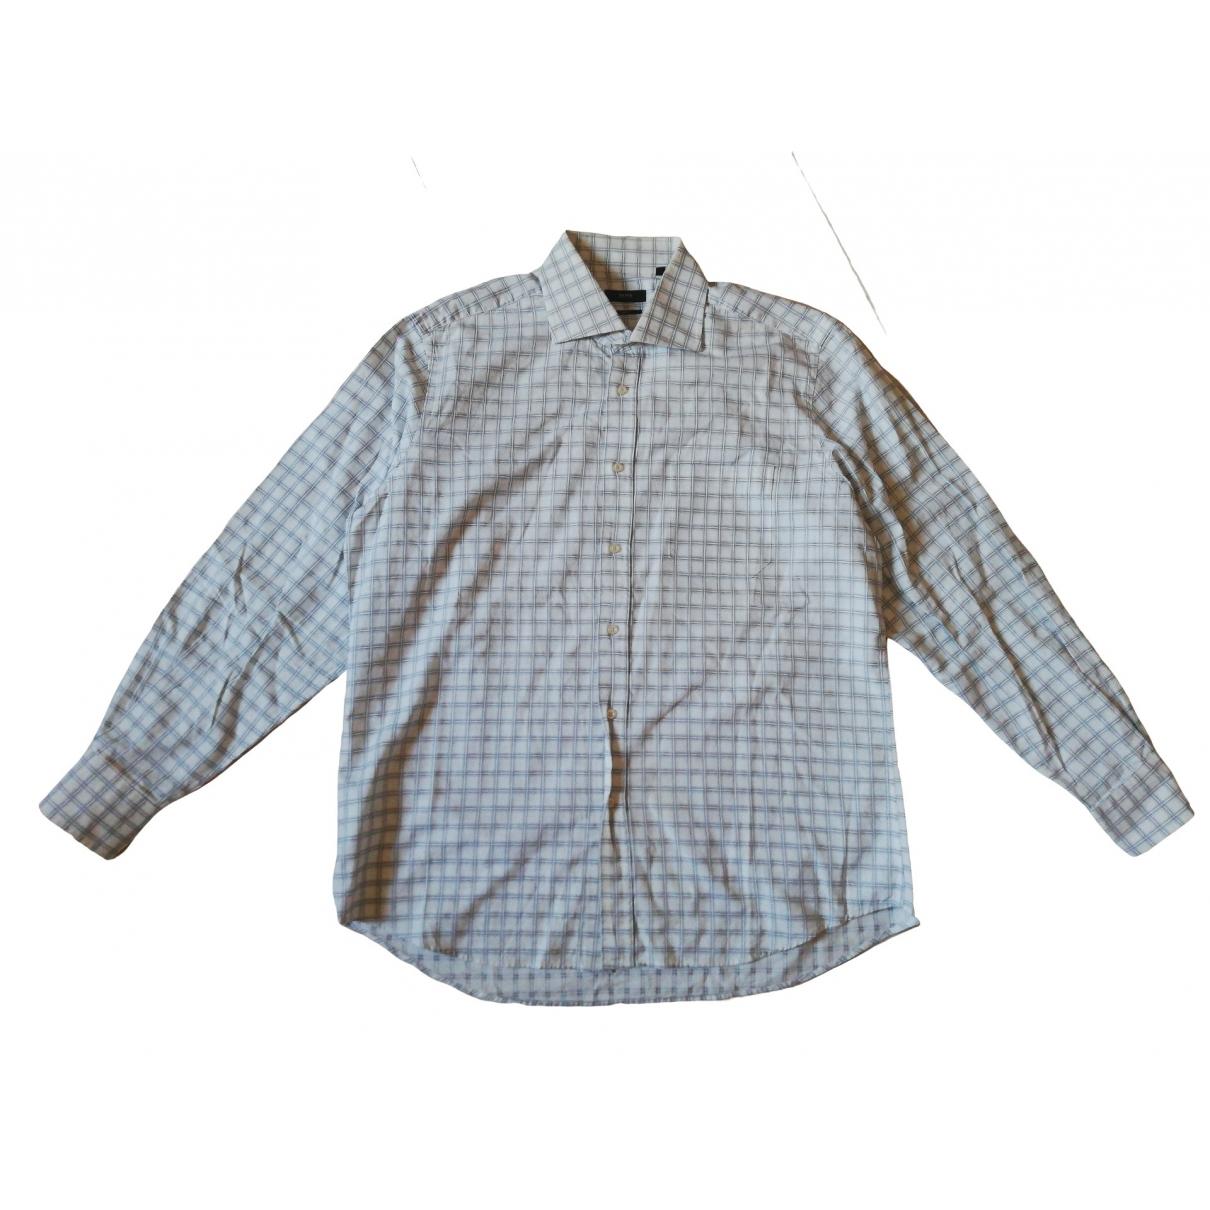 Hugo Boss - Chemises   pour homme en coton - multicolore